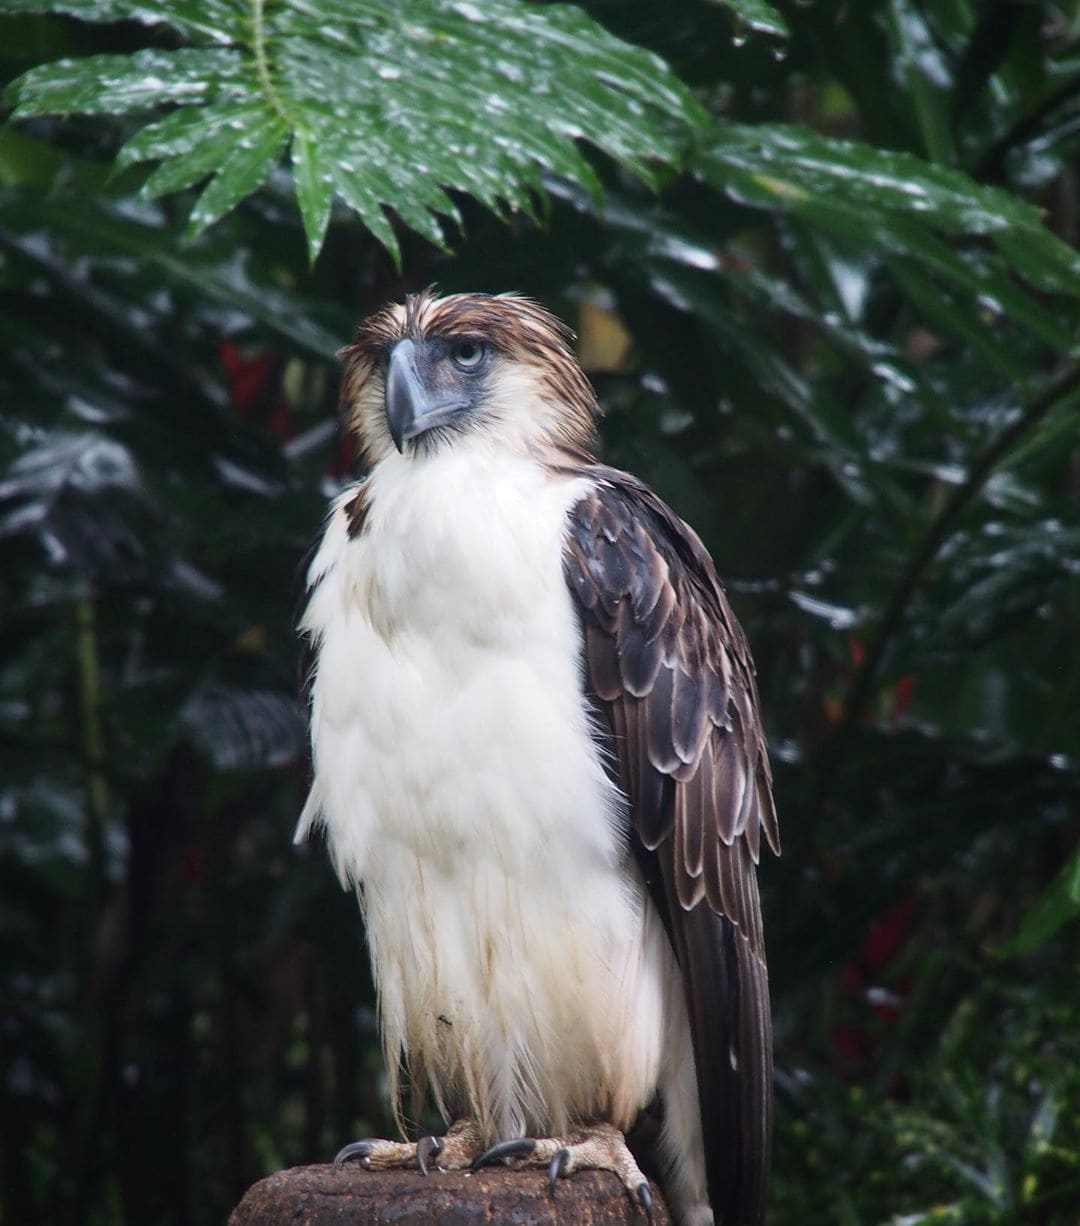 Schon lange gilt der Philippinenadler als Umweltschutz-Symbol – denn heute gibt es nur noch wenige hundert der wunderschönen, gigantischen Vögel. Sie leben in den dichten tropischen Wäldern im Süden der Philippinen, doch ihr Lebensraum wird durch Abholzung und Bejagung stark begrenzt. Wir waren mit @qatarairways in Mindanao, wo es noch die meisten wildlebenden Tiere gibt. Dieser angeschossene Adler wird in der @phileaglefdn aufgepäppelt, bevor er sich wieder im Regenwald sein Territorium sucht. #reporterontour #davaotogether #traveldeeper #comewithme #philippinen #philippineeagle #nature #regenwald #passionpassport #animalsatrisk #bird #adler #itsmorefuninphilippines #birds #asia #environment #davao #mindanao